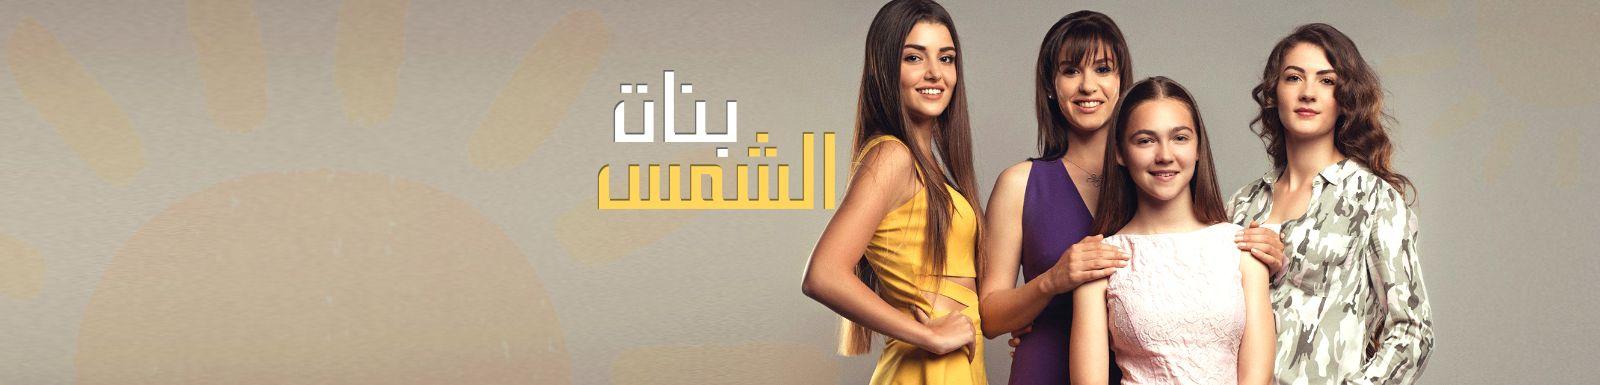 موعد وتوقيت عرض مسلسل بنات الشمس 2016 على قناة mbc 4